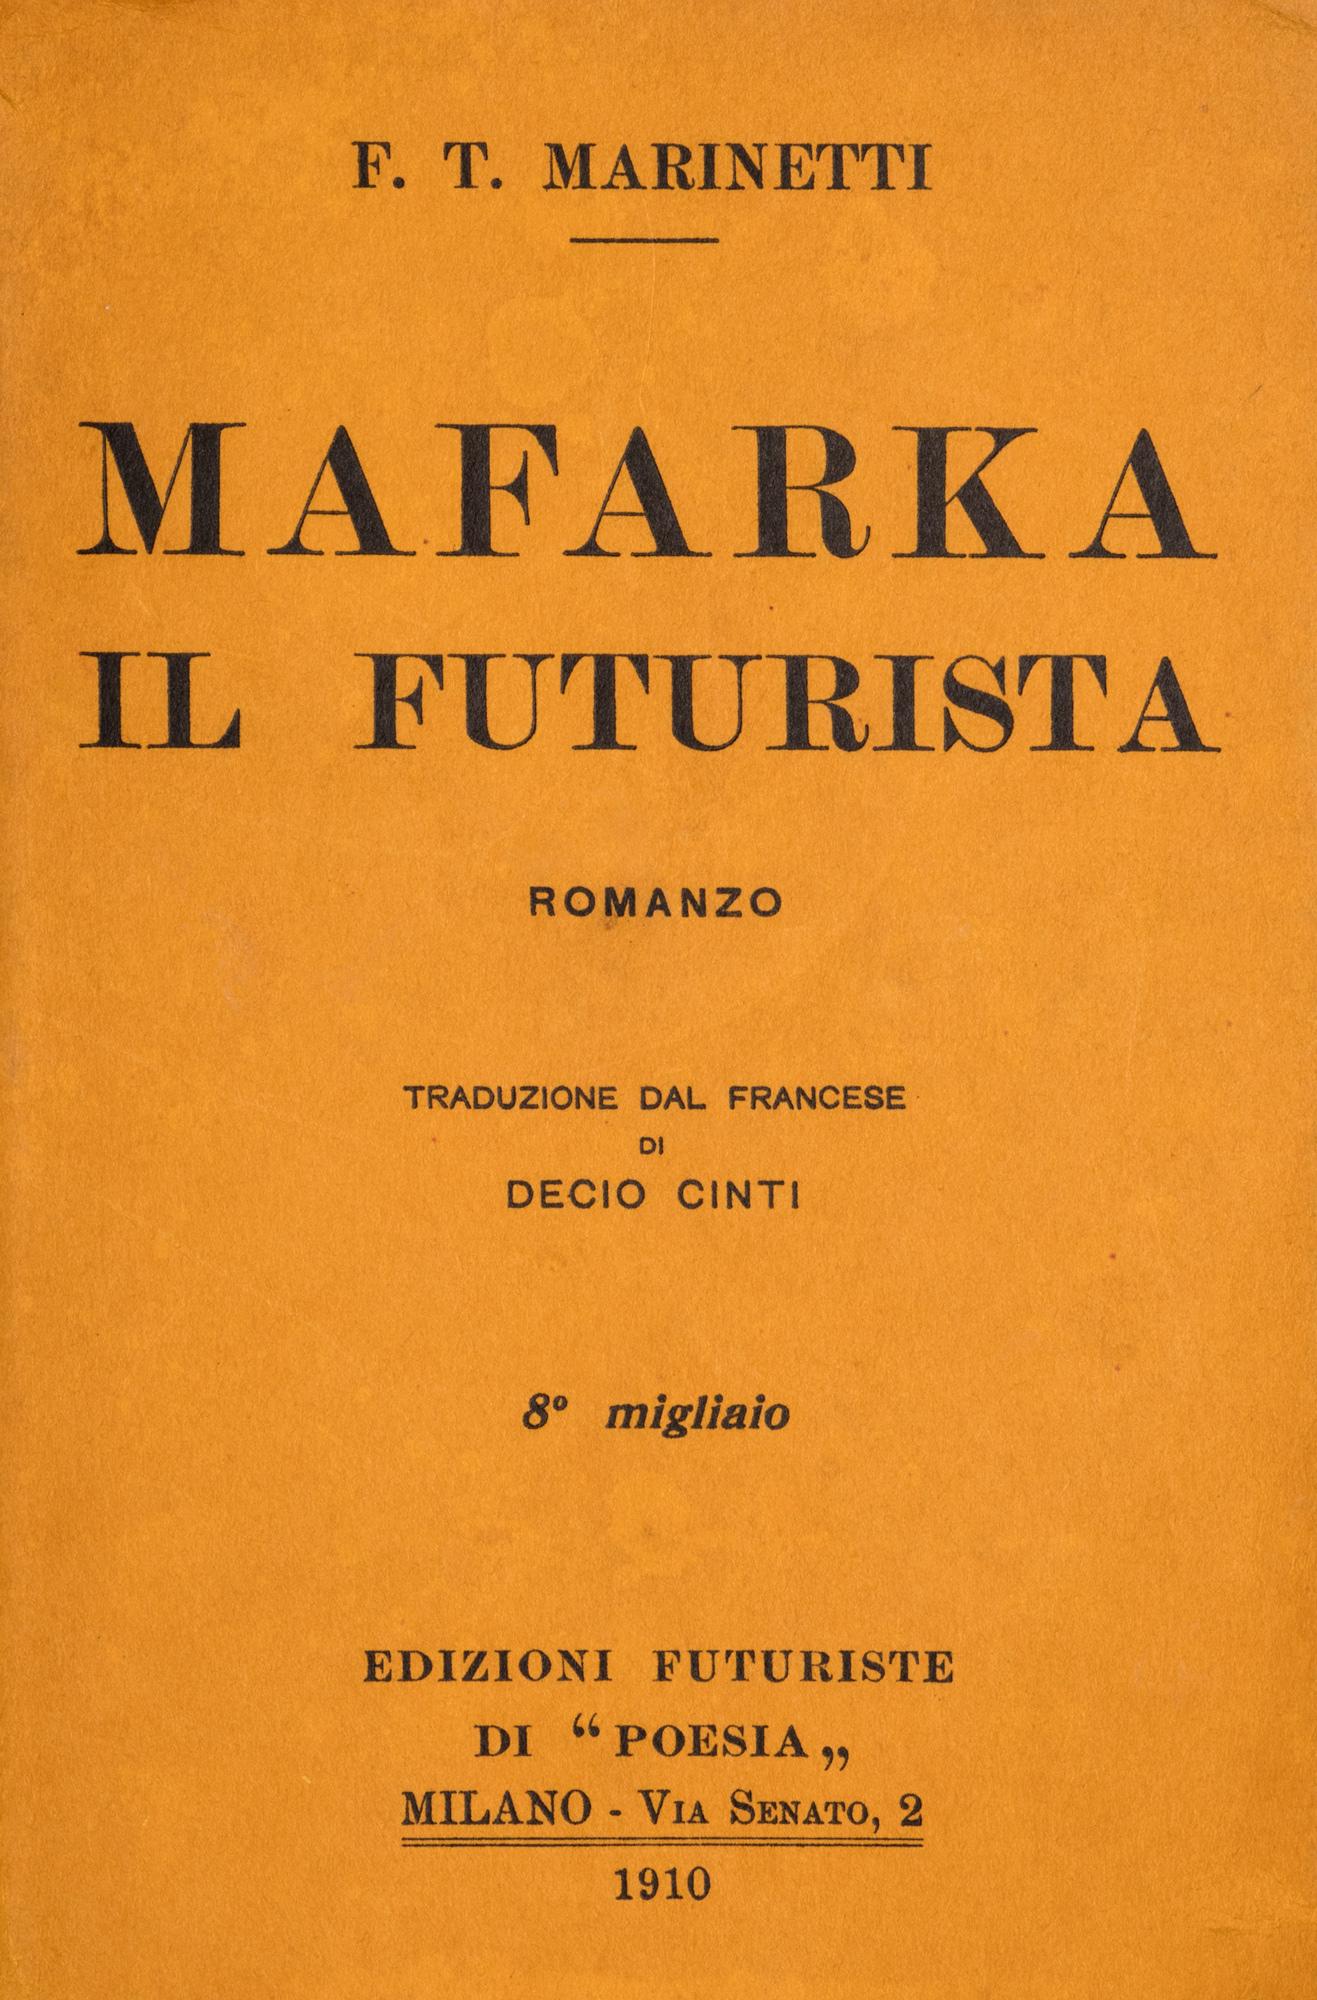 Mafarka il Futurista. Romanzo. Traduzione dal francese di Decio Cinti. 8° migliaio